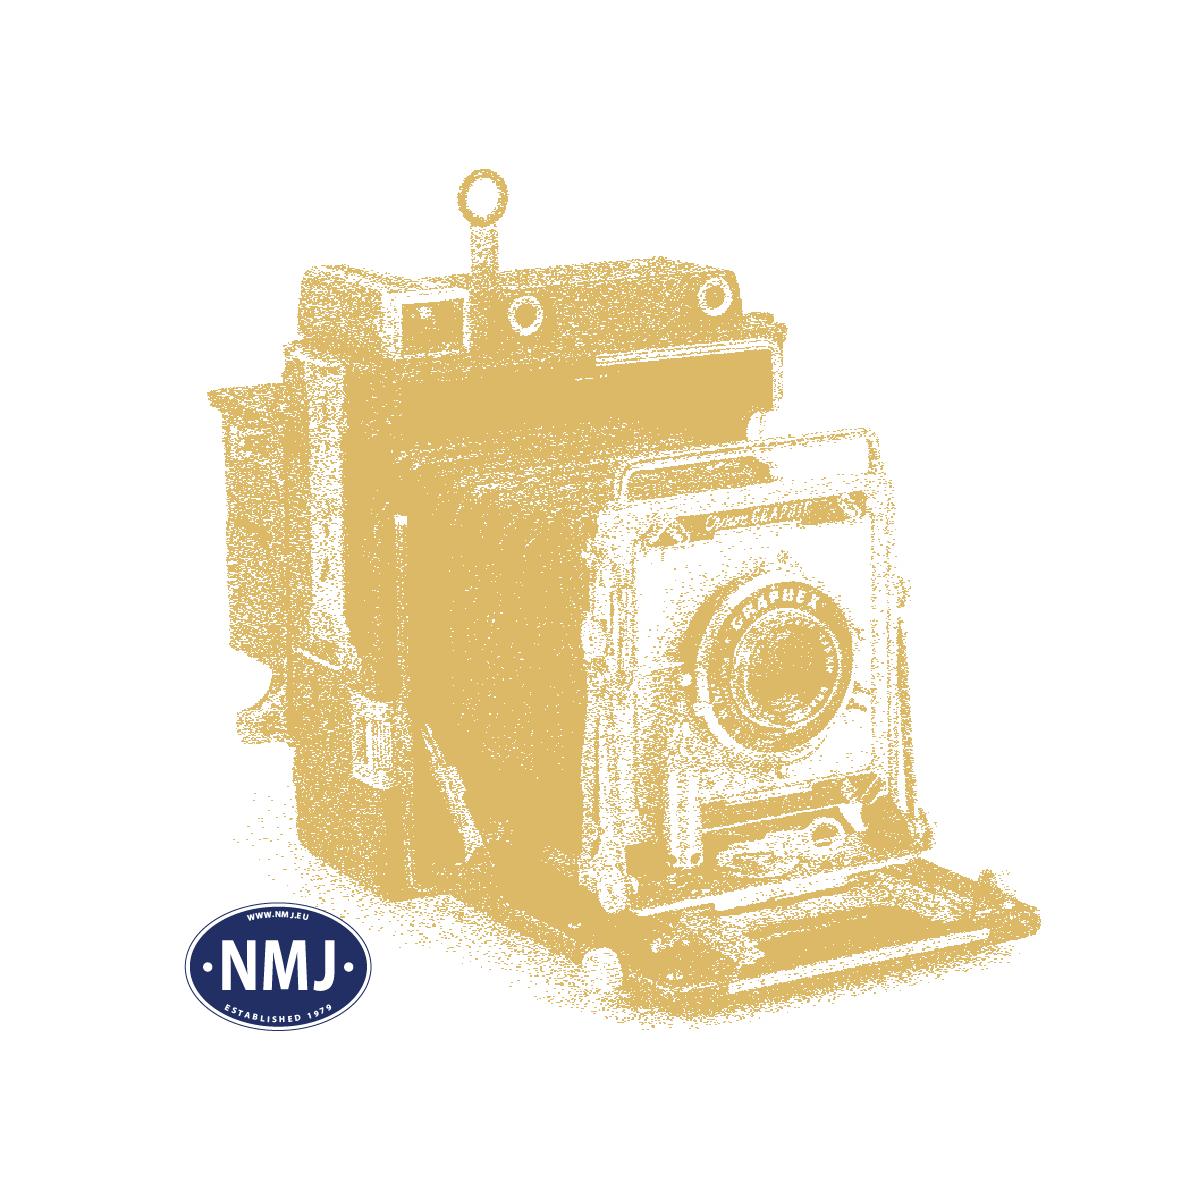 NMJB1119 - Fergekroker, 10 Stk